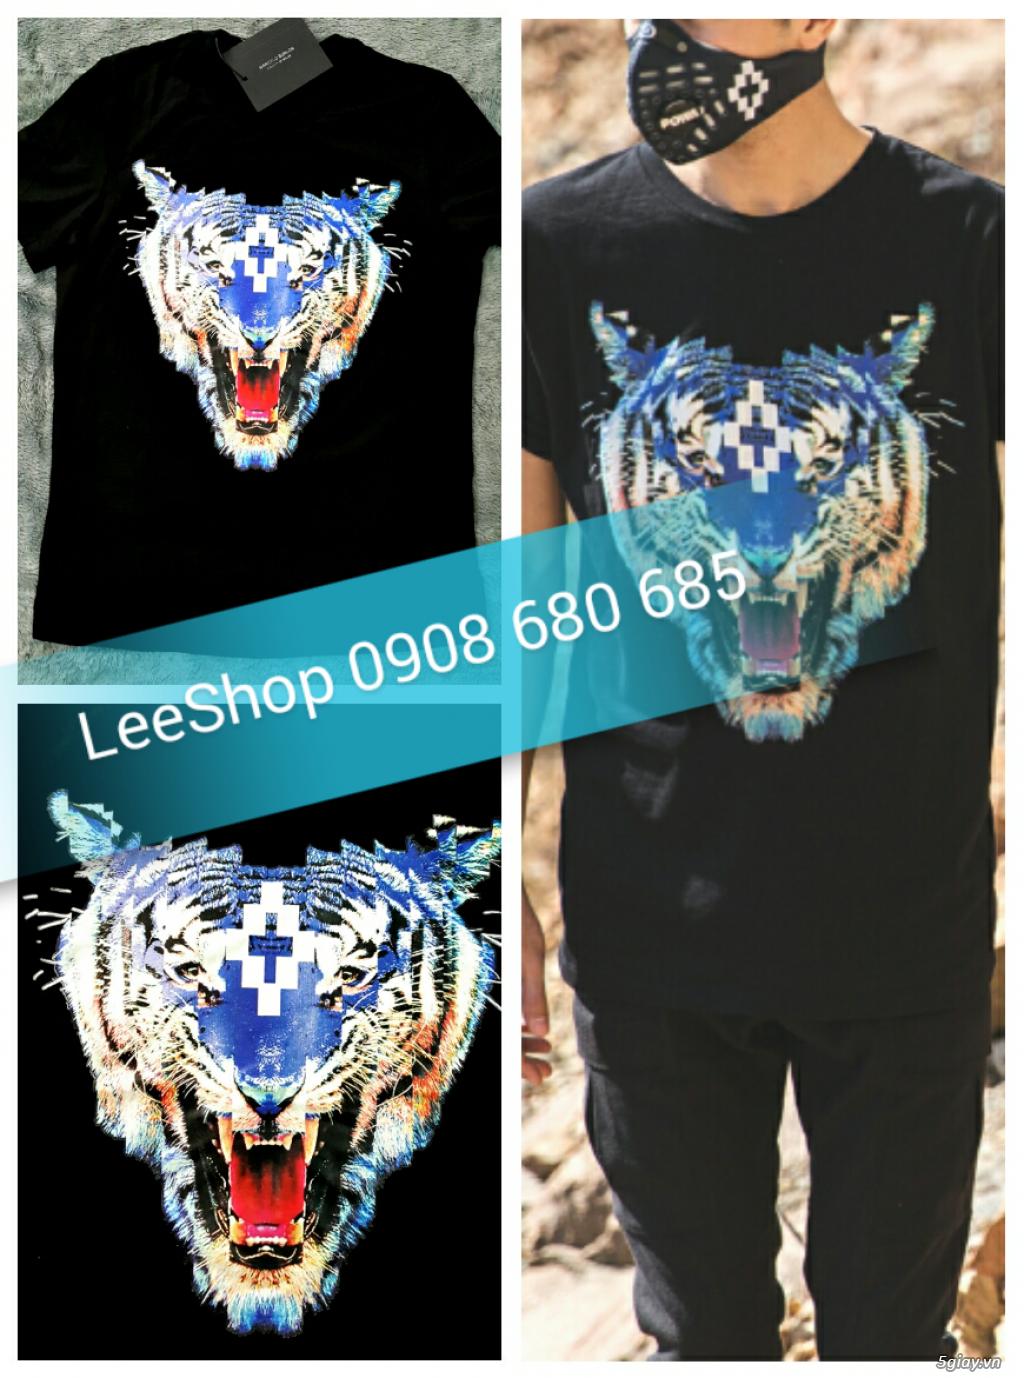 LeeShop_Chuyên quần áo thời trang - 21